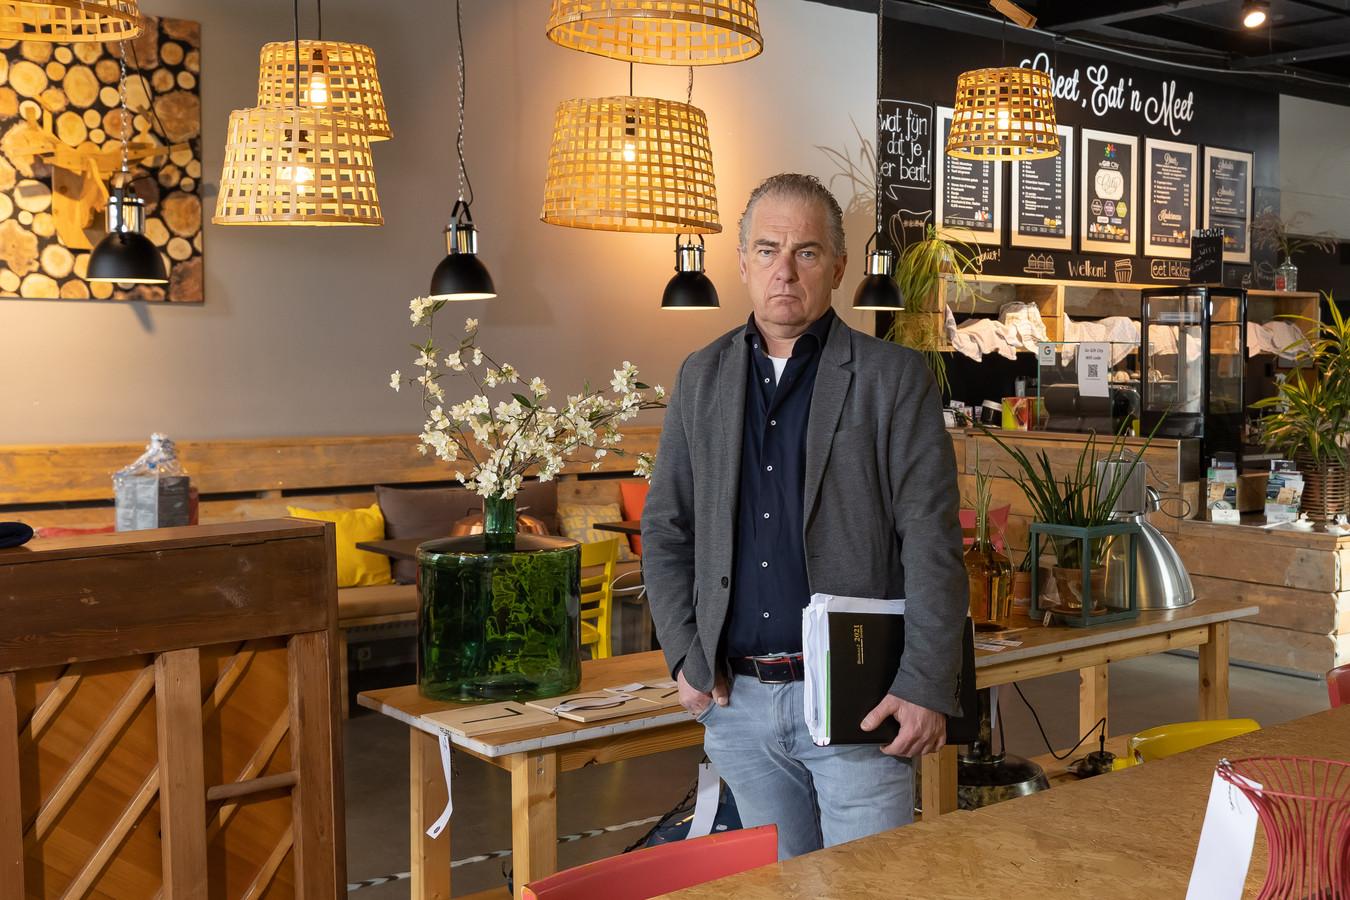 Bedrijfsleider Harry Wilbrink (de Gift City) in een leeg café. De plek waar kwetsbare mensen weer hun hoofd om het hoekje van de maatschappij steken, zit dicht.